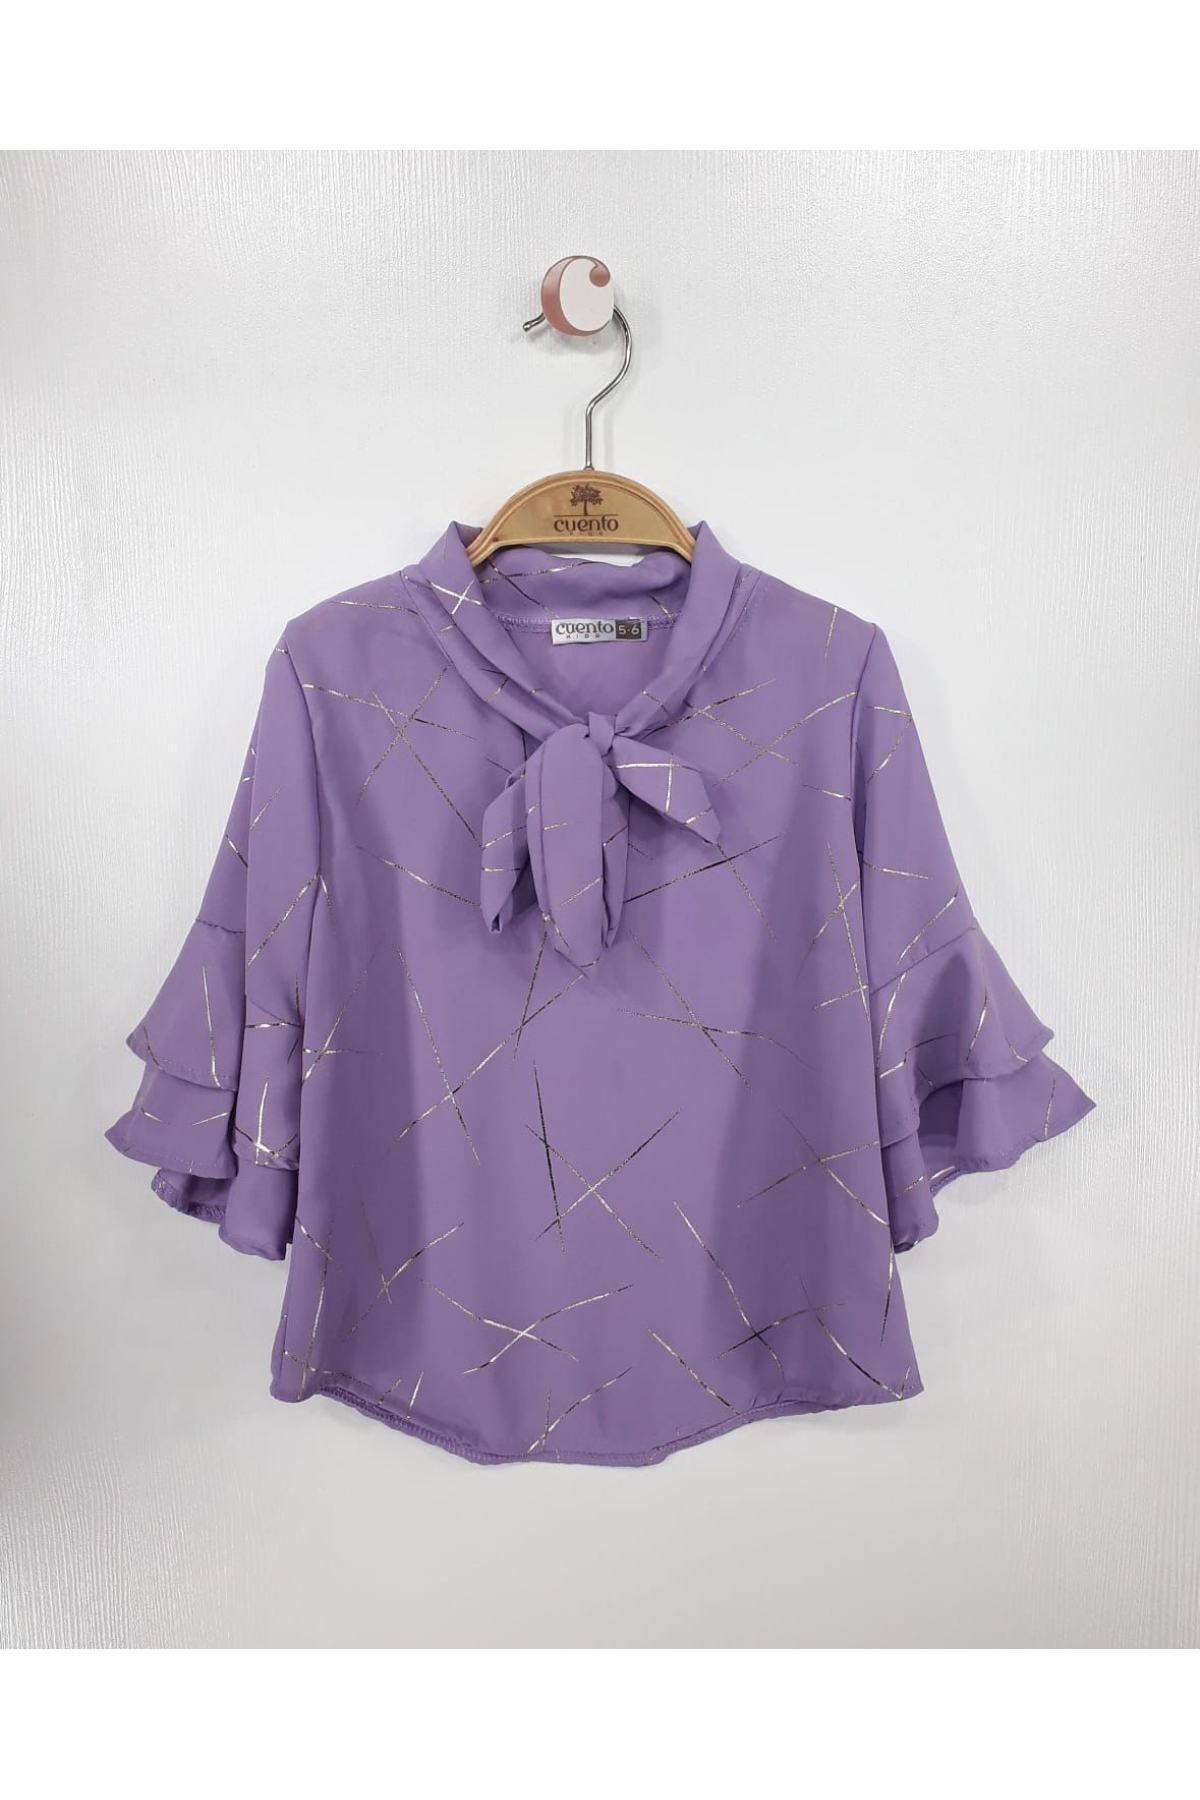 بلوز دخترانه قیمت مناسب برند MATILDA رنگ بنفش کد ty114230012